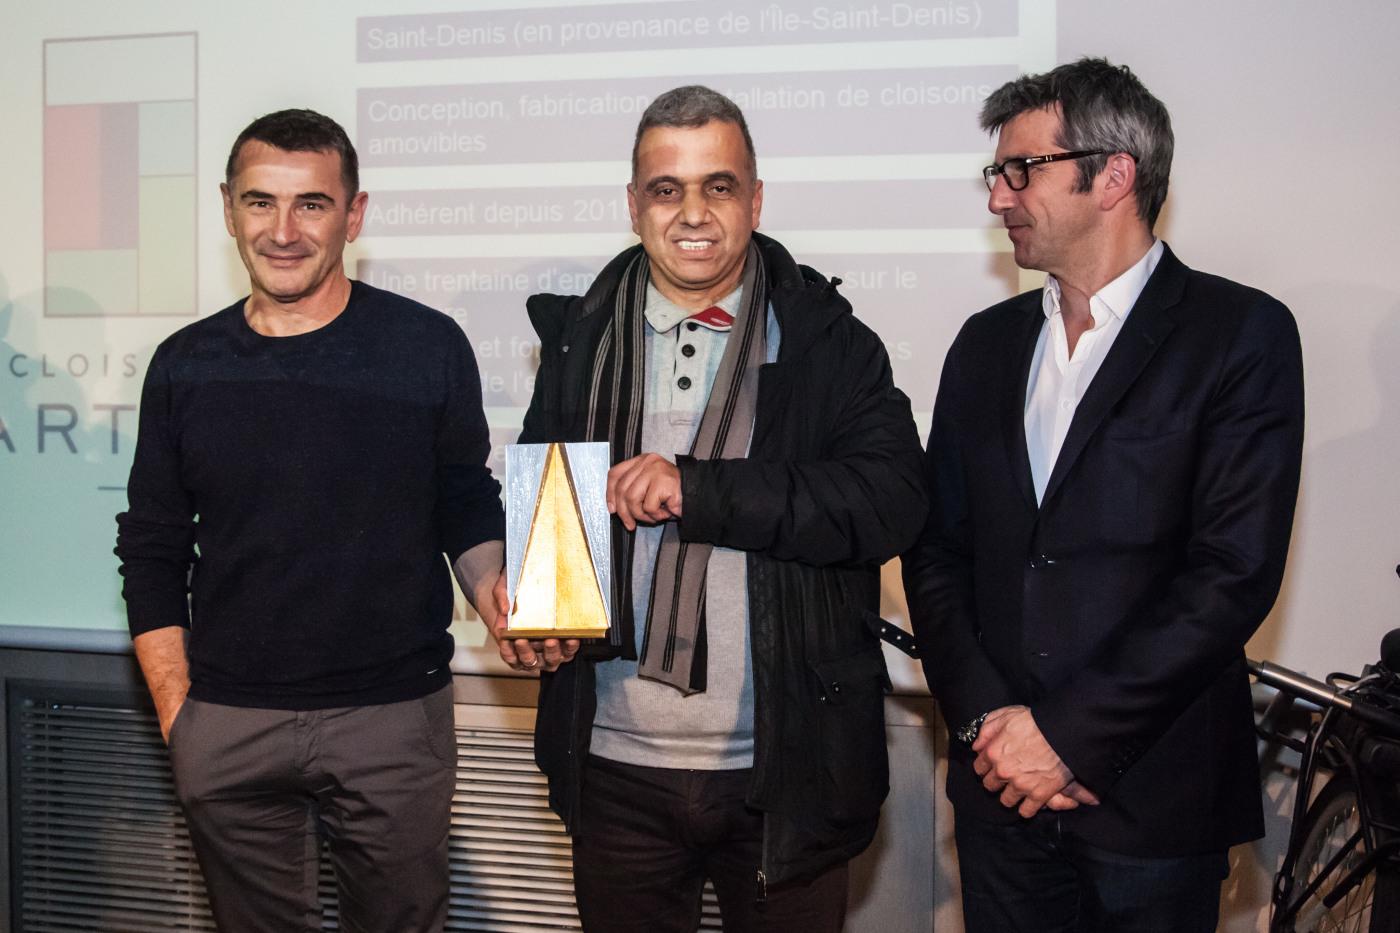 Voeux 2019 de Plaine Commune Promotion dans la salle du conseil - remise des Flèches d'Or de l'implication territoriale à Cloisons Partena